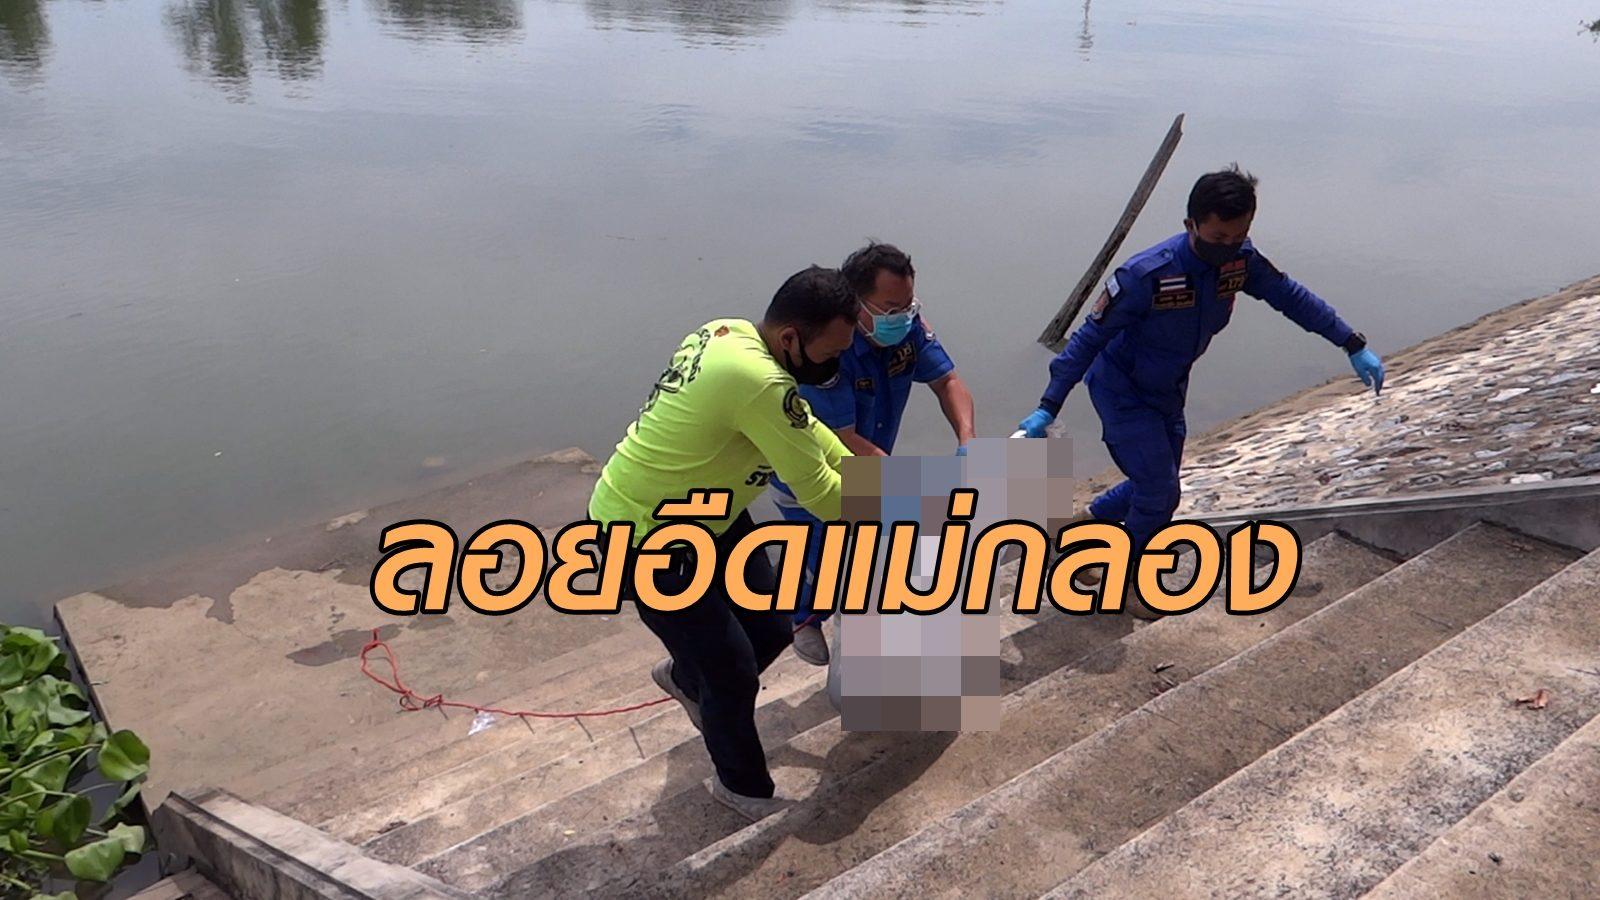 ศพชายเปลือยลอยอืดกลางแม่น้ำแม่กลอง ญาติใครติดต่อด่วน